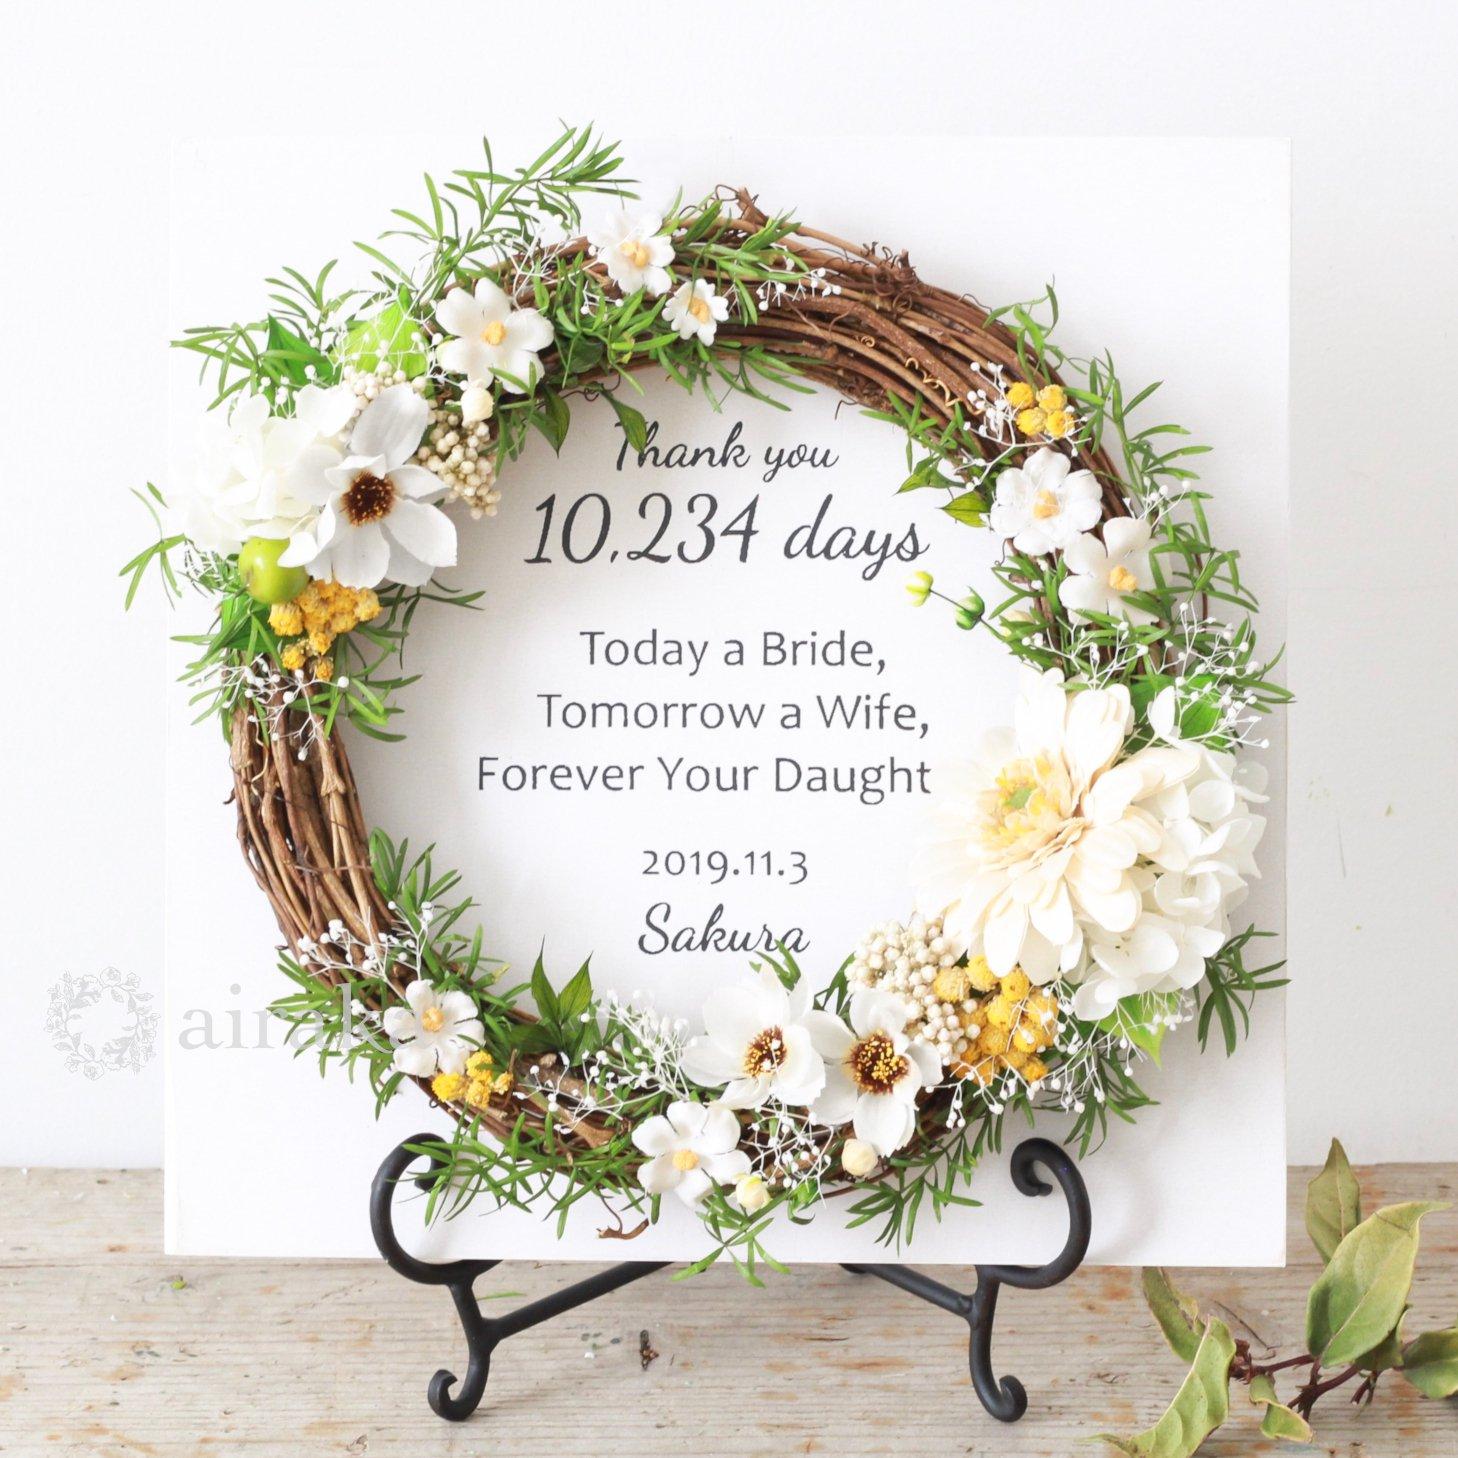 アーティフィシャルフラワー(造花)のご両親贈呈品/リース付き木製ボード/ナチュラルガーデン×ホワイト画像_airaka